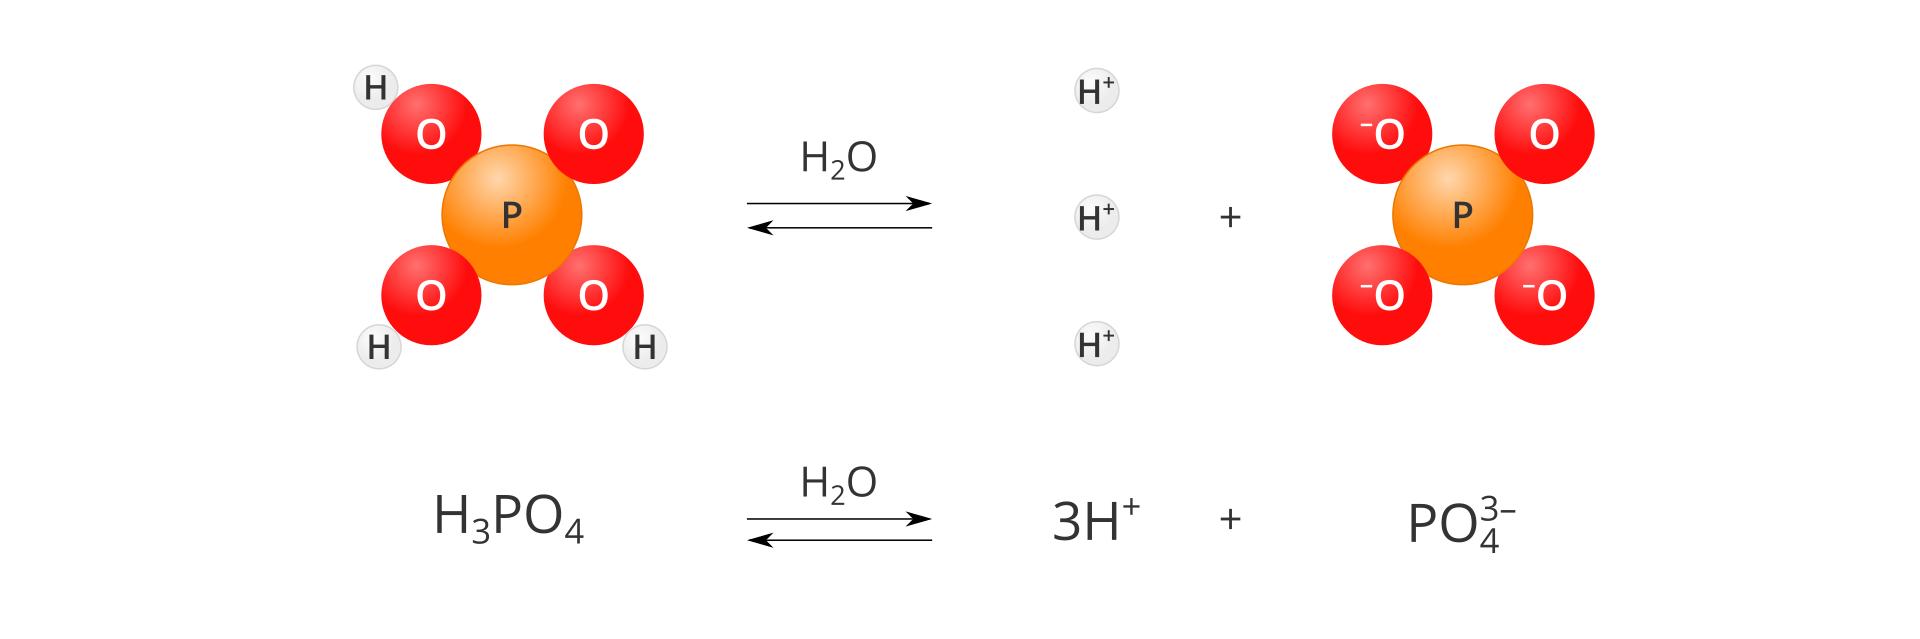 Modelowy schemat dysocjacji kwasu fosforowego pięć. Po lewej stronie planszy znajduje się model cząsteczki kwasu zbudowany zjednej pomarańczowej kuli oznaczonej literą P, przylegających do niej czterech czerwonych kul oznaczonych literą Ooraz trzech szarych, małych kulek oznaczonych literą H, przylegających do trzech atomów tlenu. Po prawej stronie modelu znajduje się znak reakcji dwustronnej wpostaci dwóch równoległych strzałek, zktórych górna skierowana jest wprawo, adolna wlewo. Nad strzałką znajduje się wzór H2O. Środkową iprawą część planszy zajmuje zapis rozpadu na jony: trzy małe szare kulki oznaczone jako Hplus, znak dodawania oraz model reszty kwasowej zpomarańczową kulą iliterą Pwśrodku oraz otaczającymi ją trzema czerwonymi kulami zliterą O. Na trzech ztych kul po lewej stronie litery Owindeksie górnym znajduje się znak minus. Pod ilustracją sumaryczny zapis reakcji: H3PO4 pod wpływem wody dysocjuje na trzy kationy wodoru Hplus ijeden anion siarczanowy SPO4 dwa minus.